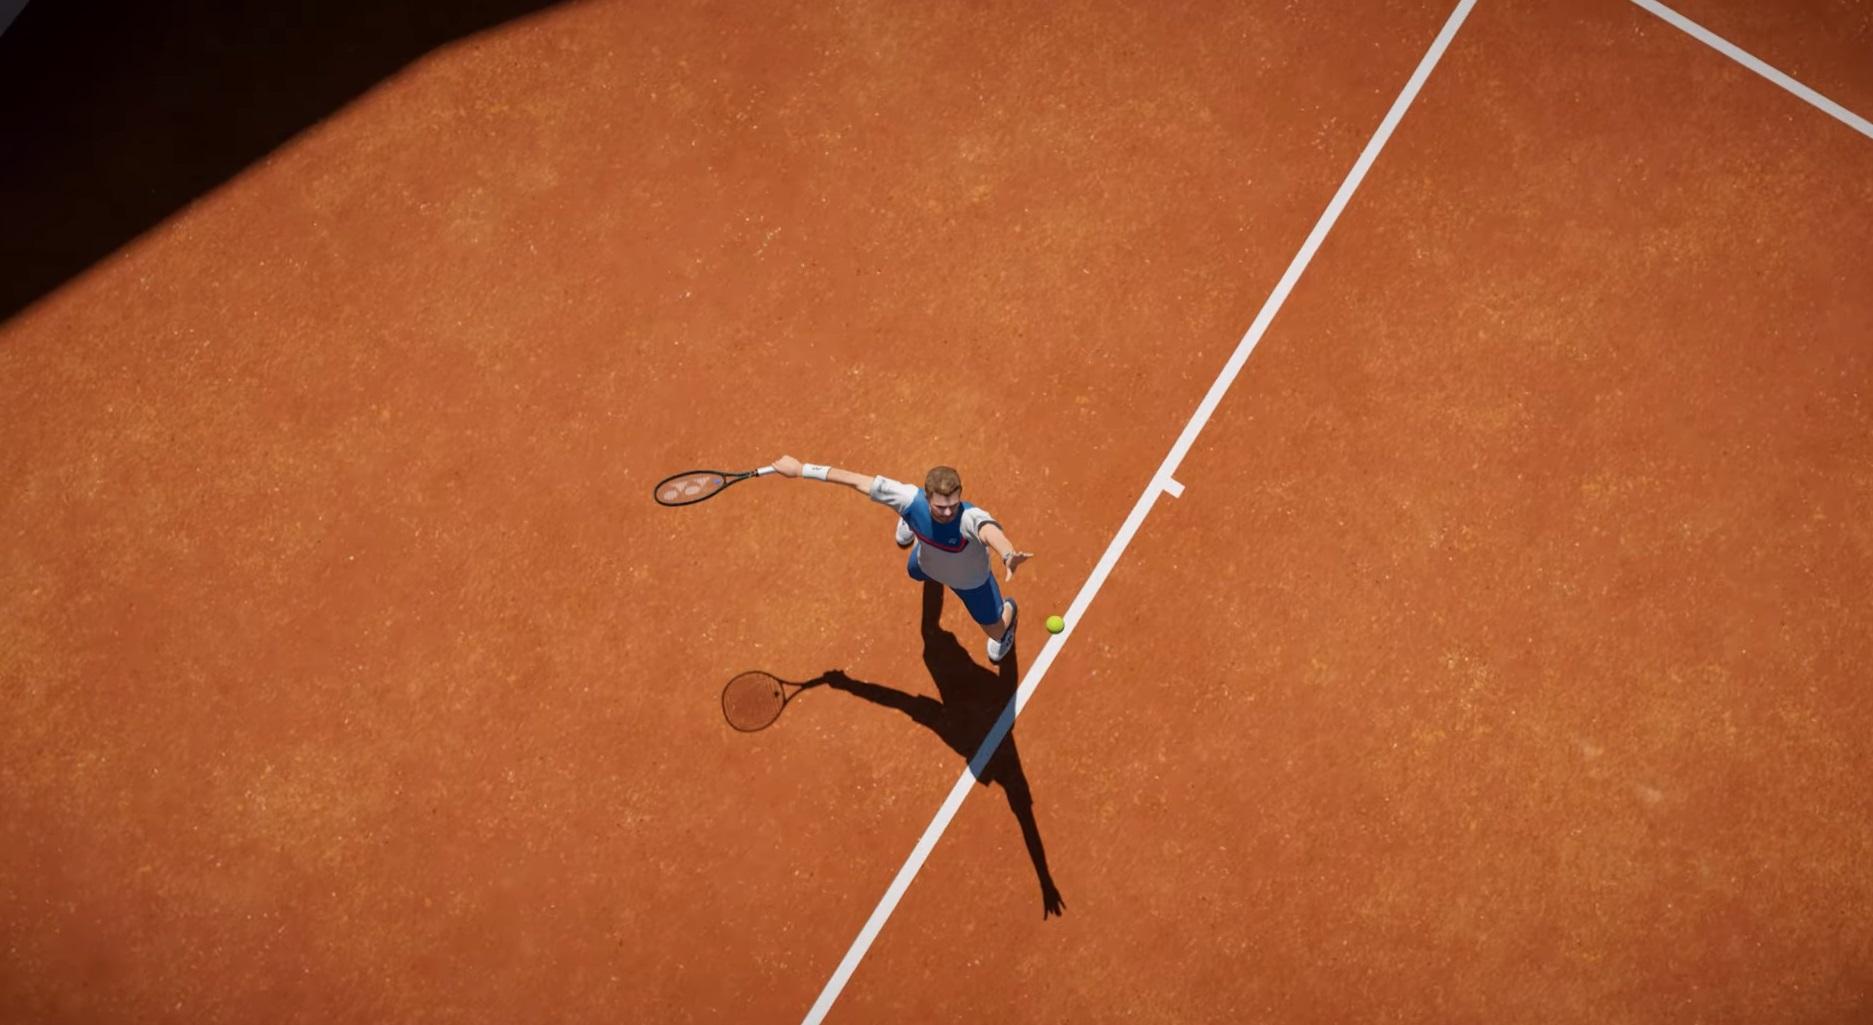 Une première vidéo de gameplay pour Tennis World Tour 2